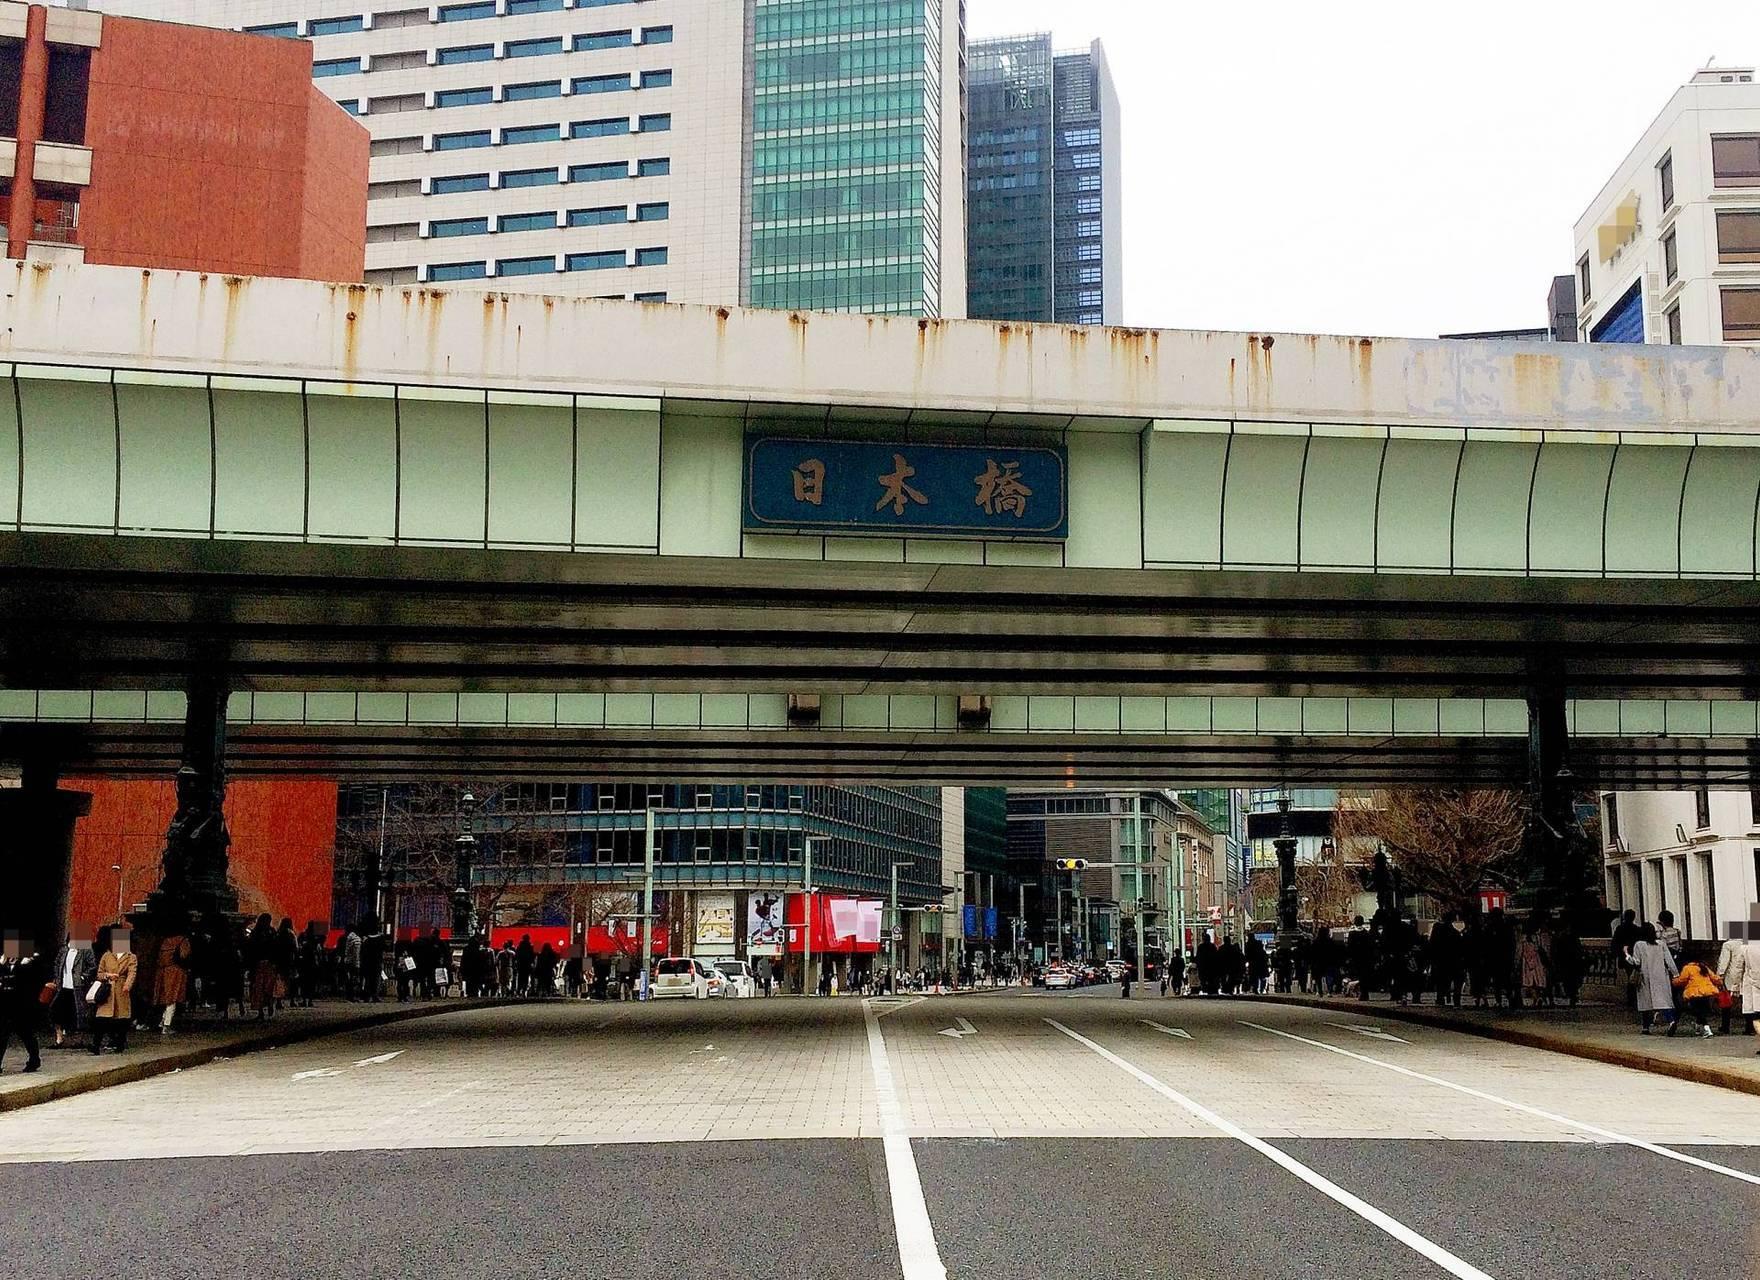 日本橋のおすすめサービスアパートメント・街の人気の秘密を調査